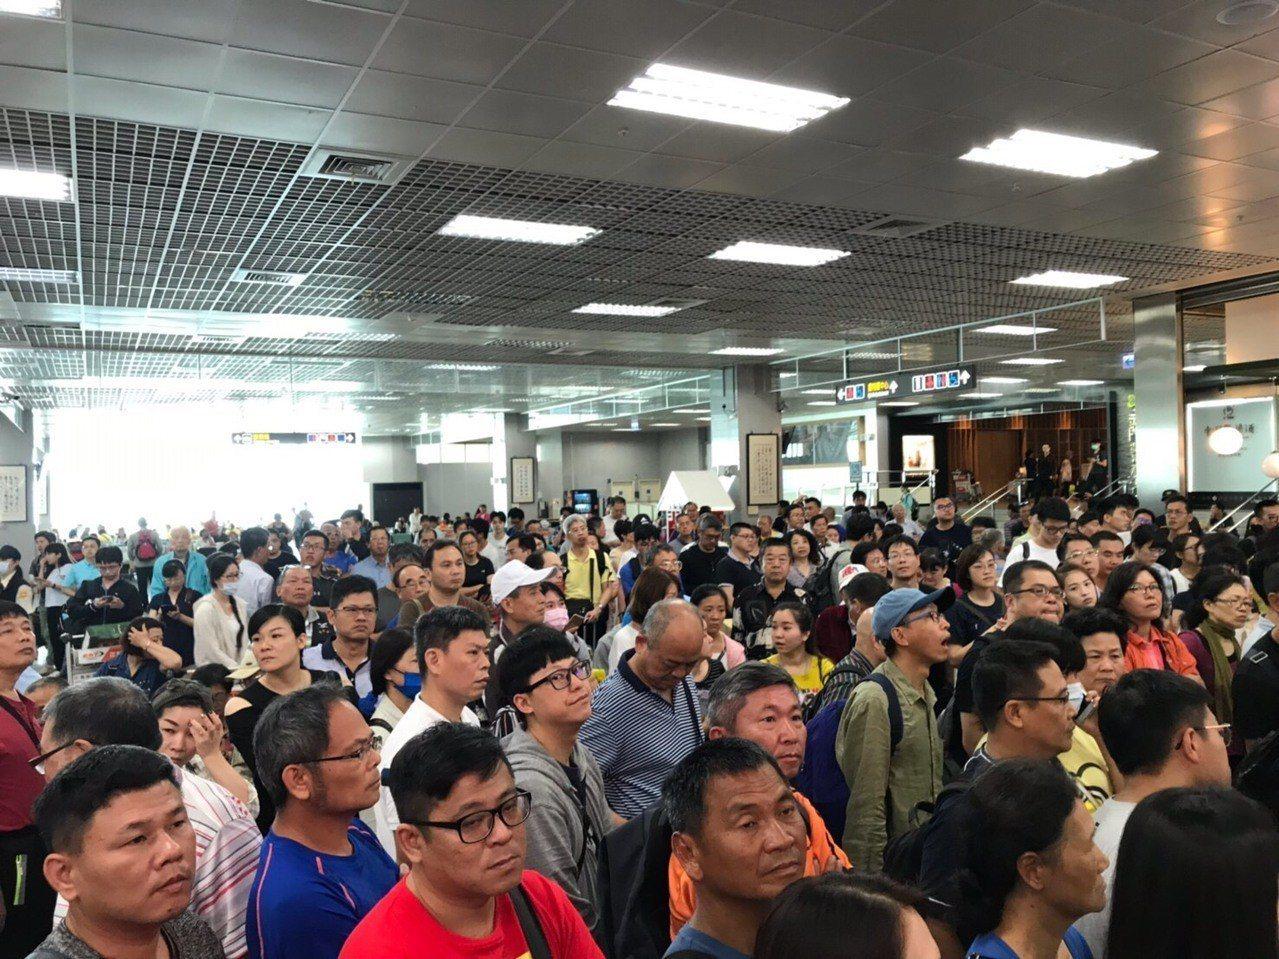 金門連日受到濃霧影響,導致航班大亂,粗估有超過2千名旅客滯留。圖/立委陳玉珍提供